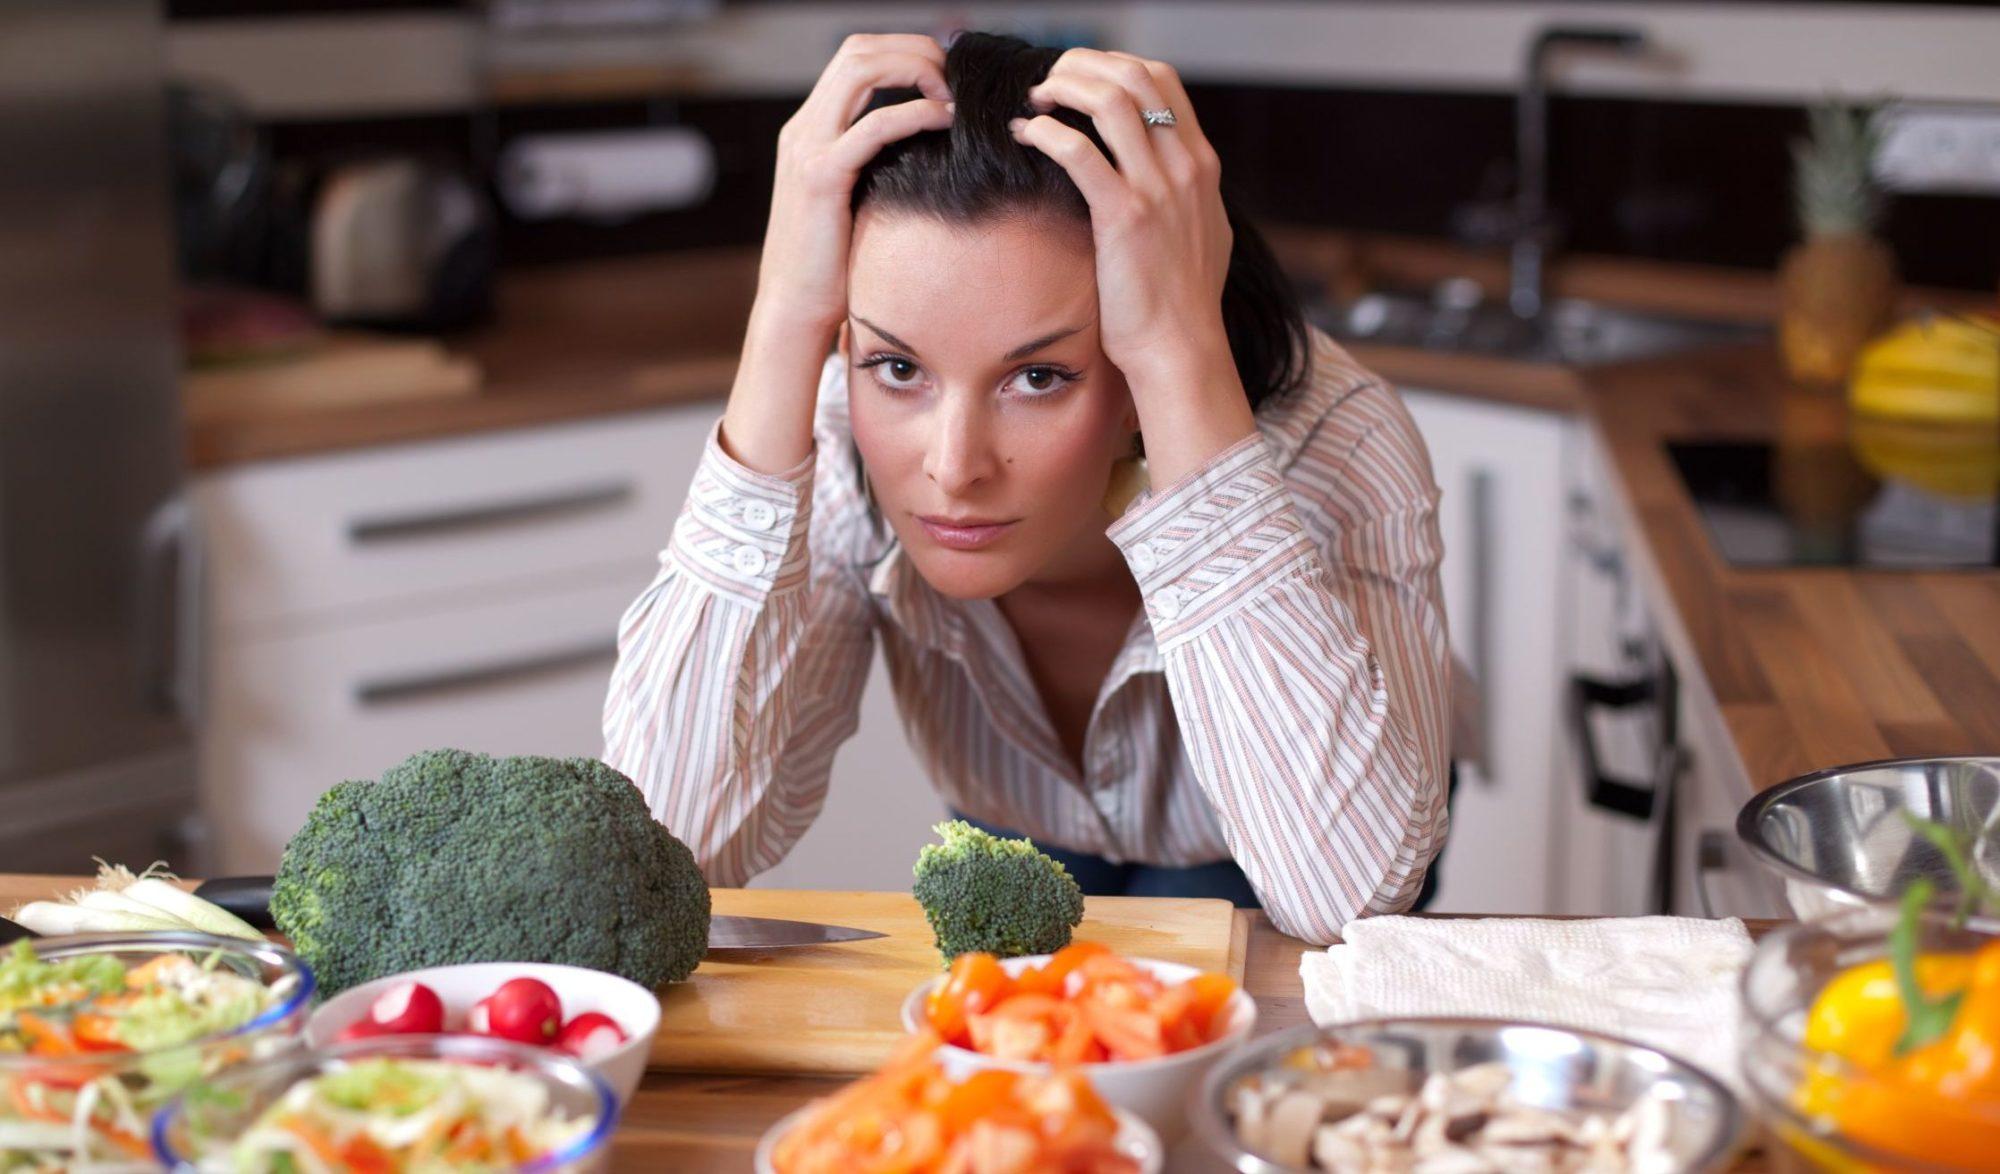 Специалисты предупреждают: худеть к Новому году не полезно!